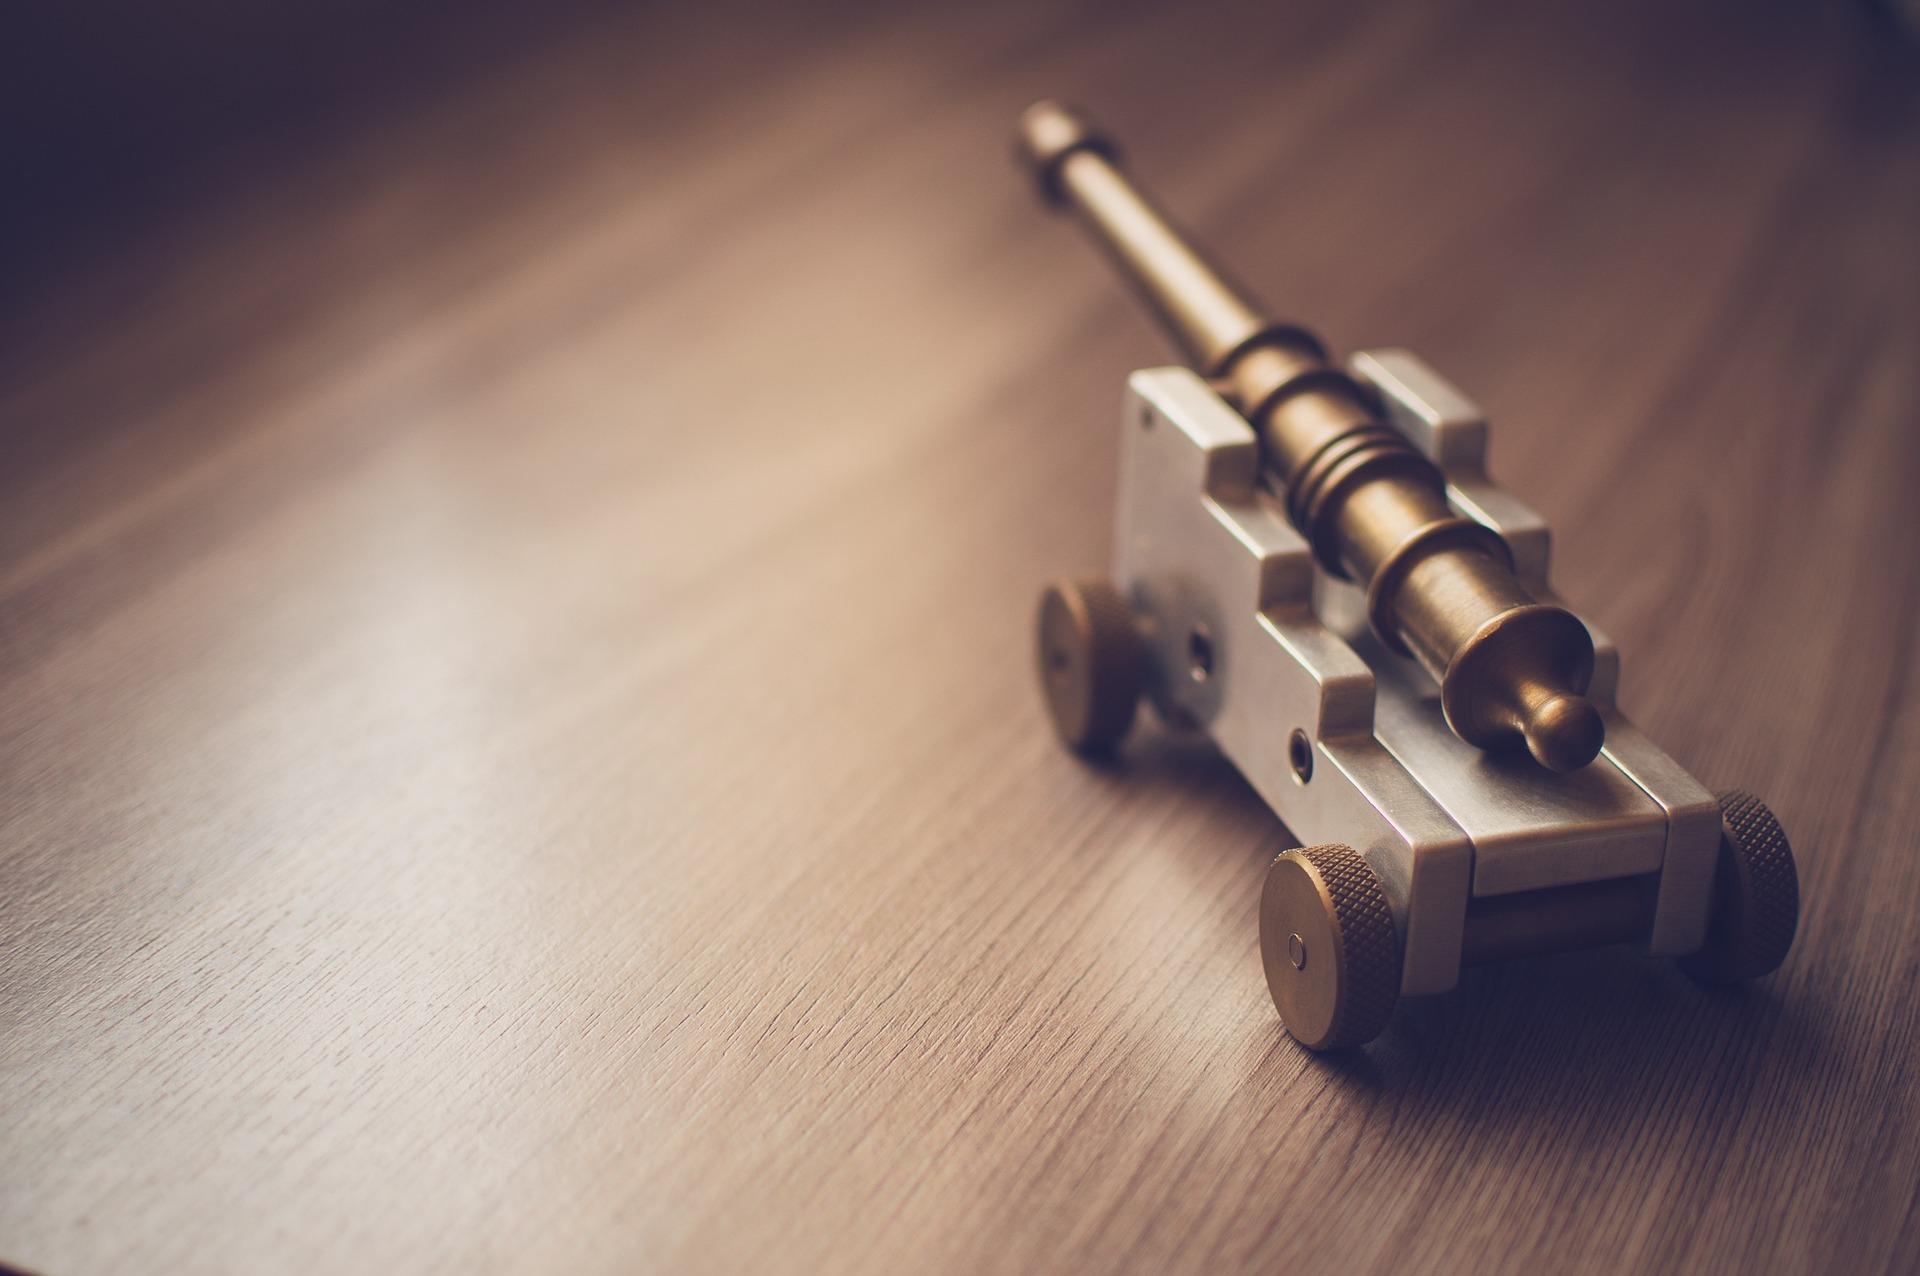 Die 3D Druck Funktionsweise an Modellen & Prototypen